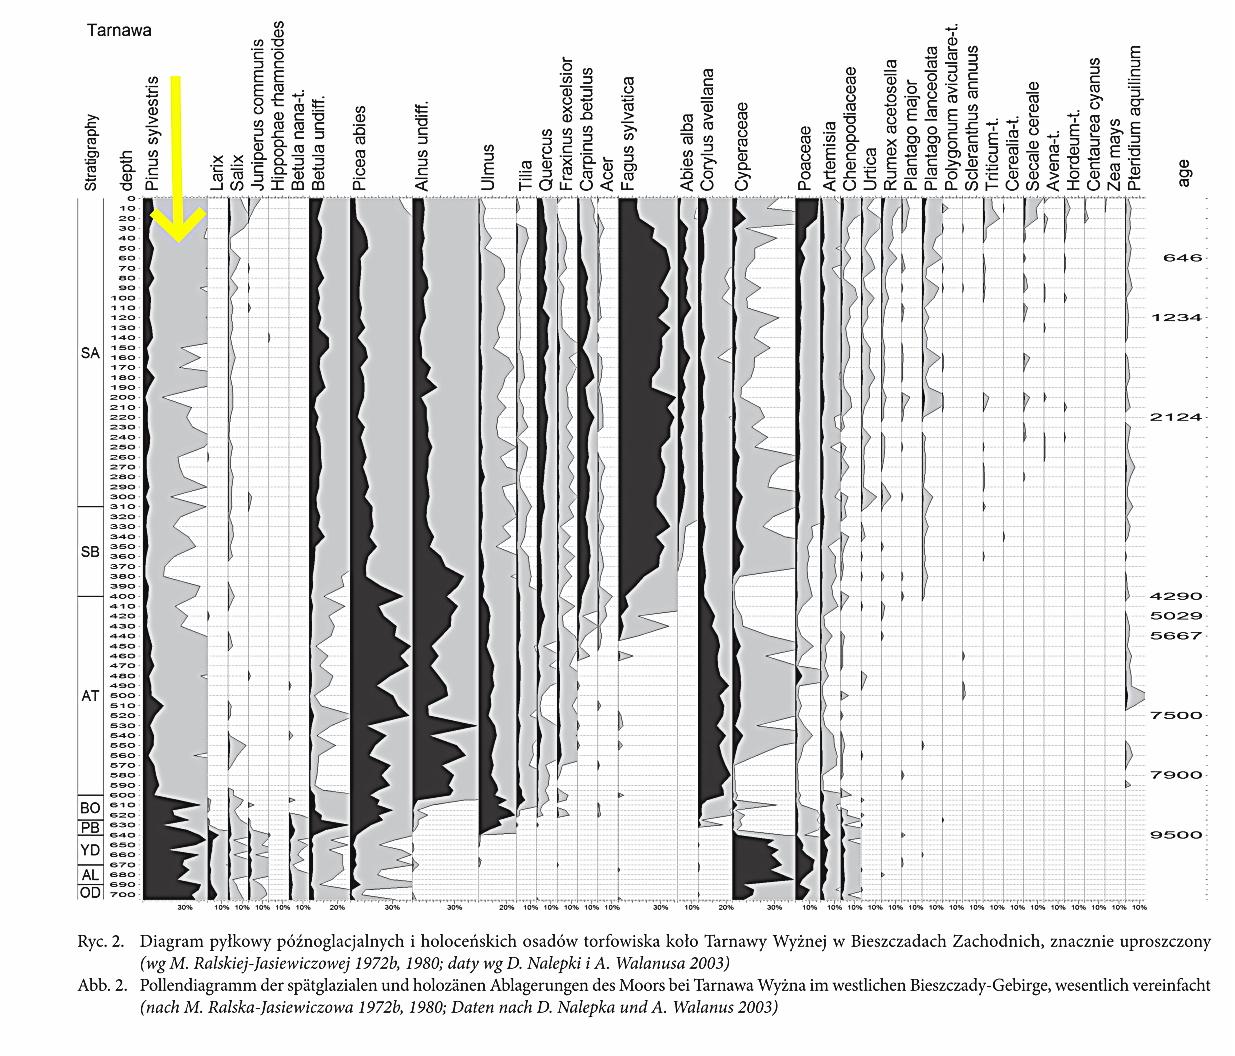 Diagram pyłkowy osadów późnoglacjalnych i holoceńskich torfowiska koło Tarnawy Wyżnej, Bieszczady, dolina Sanu; wg M.Ralskiej-Jasiewiczowej 1972, 1980, daty wg D.Nalepki i A.Walanusa